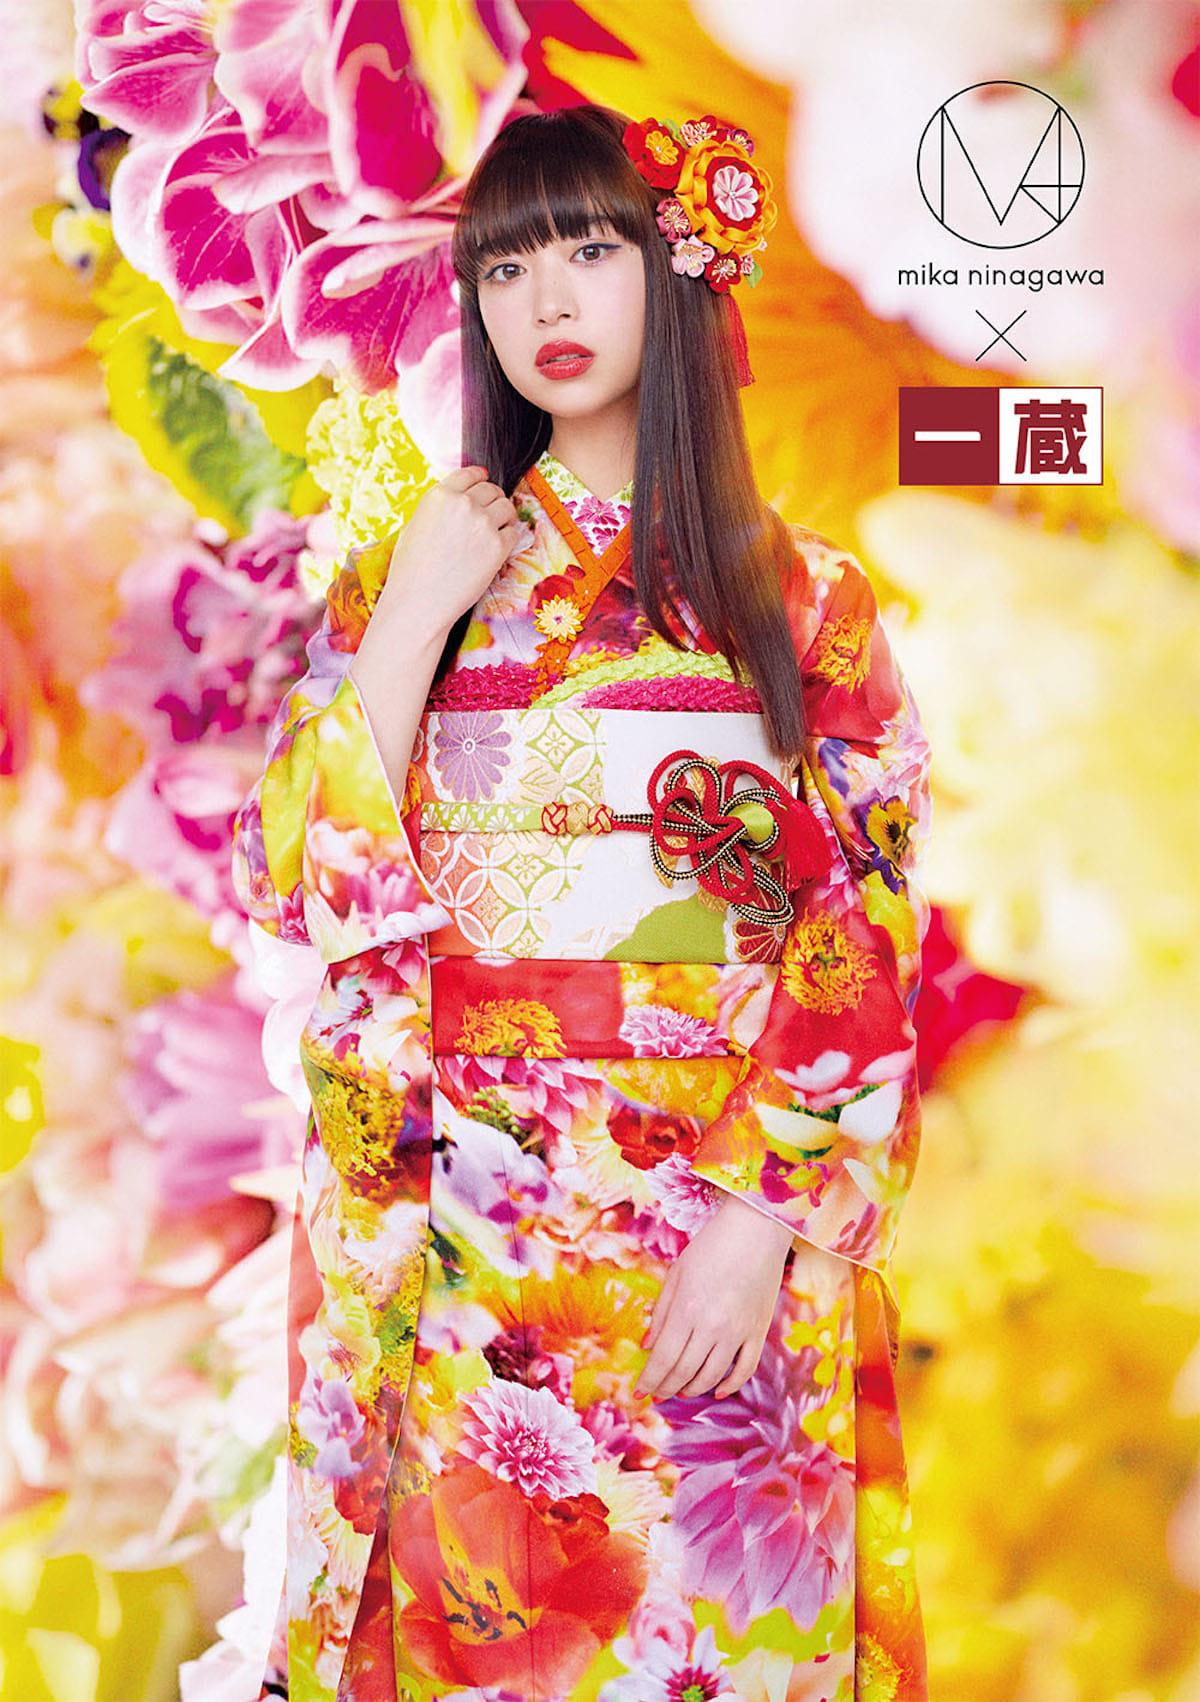 蜷川実花による色彩豊かすぎる振袖を森川葵が着用!ビビットなビジュアル公開 fashion180531_mika-ninagawa_2-1200x1702